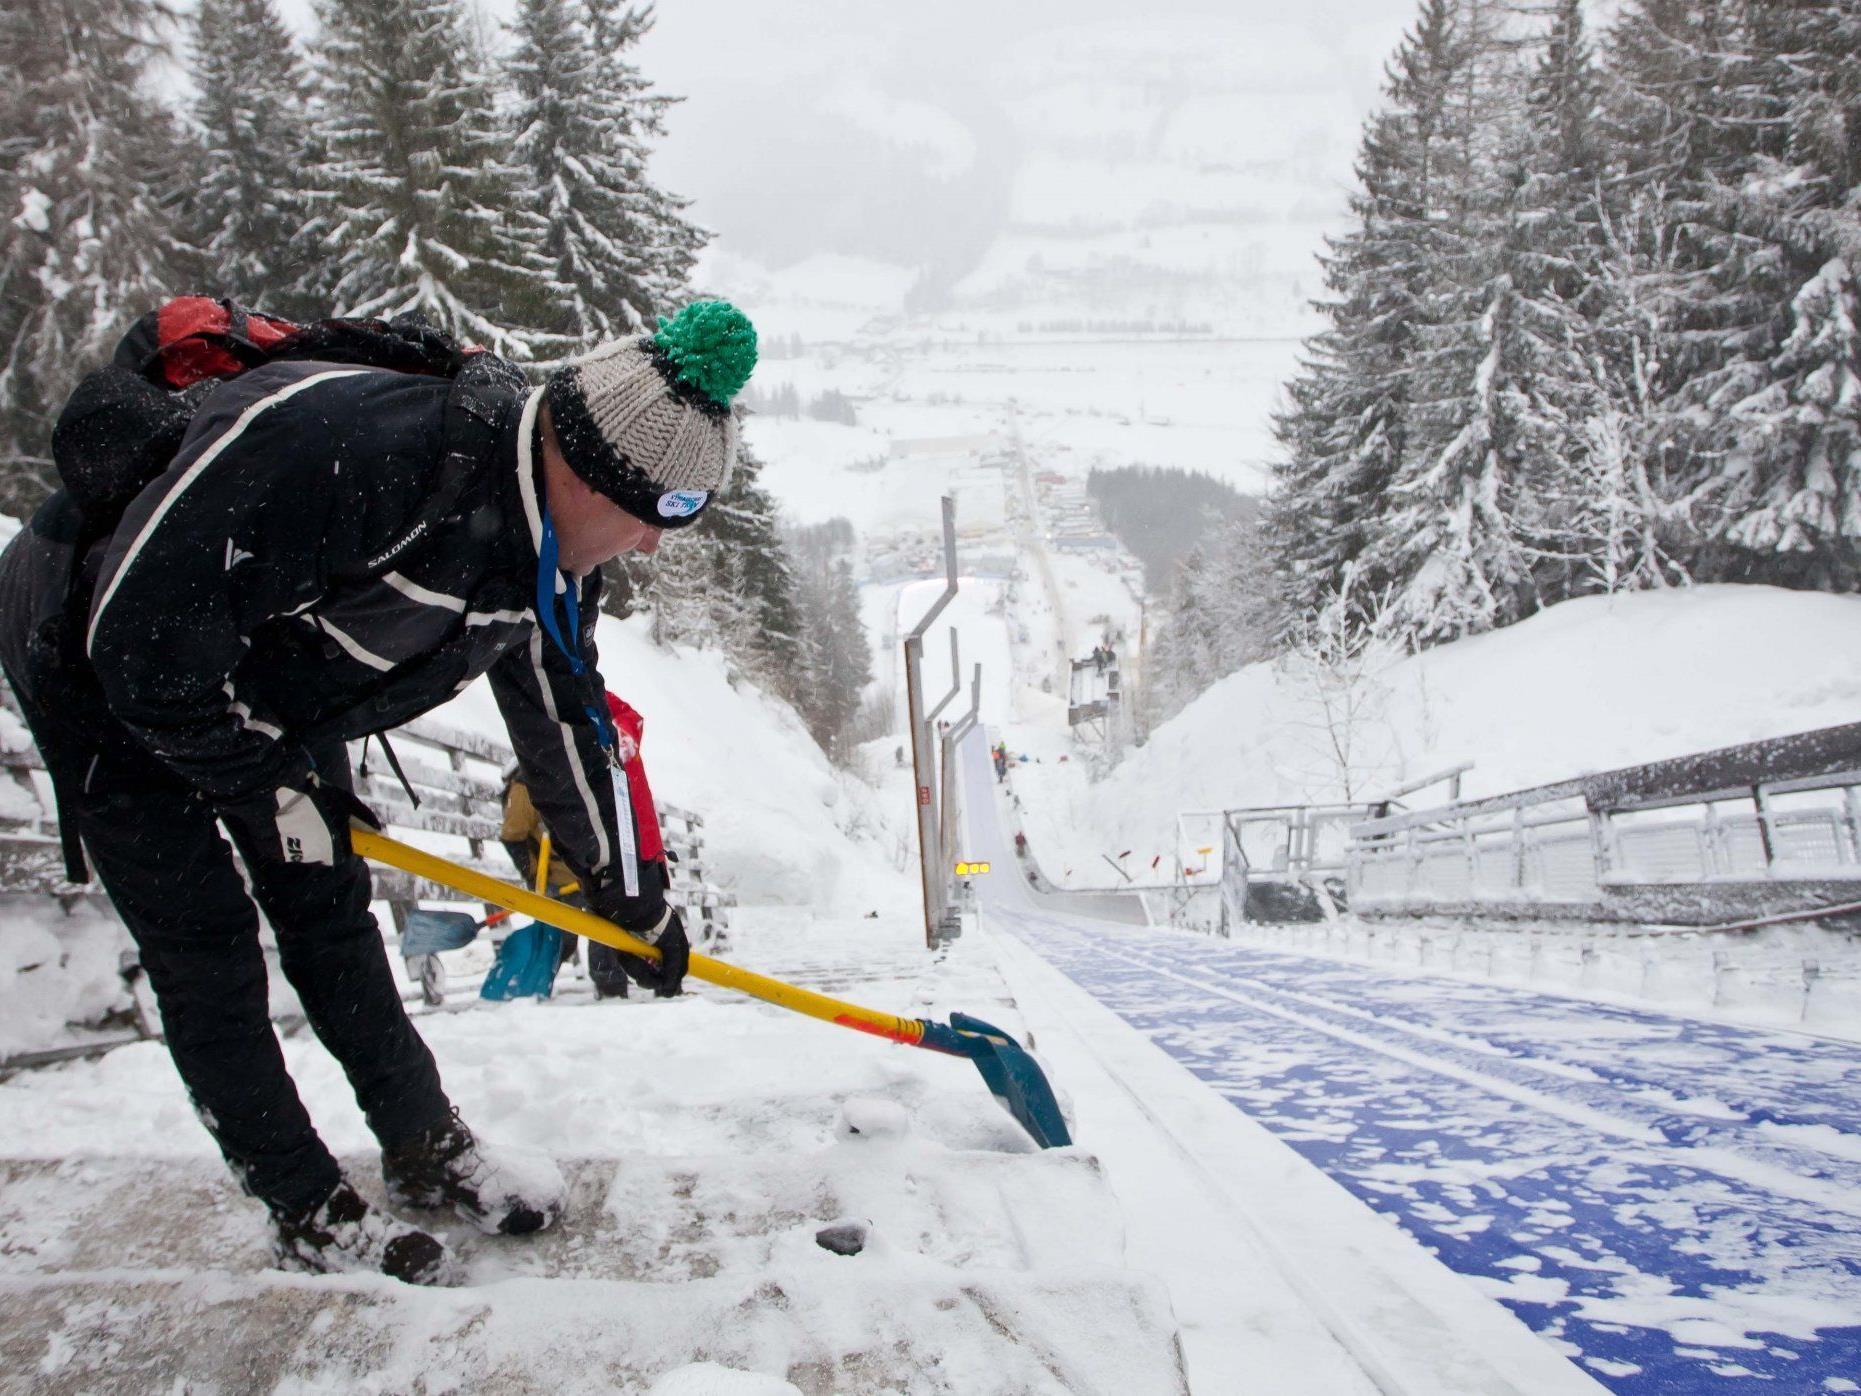 Das Training und die Qualifikation für das Skifliegen am Kulm mussten am Freitag wegen Wind abgesagt werden.